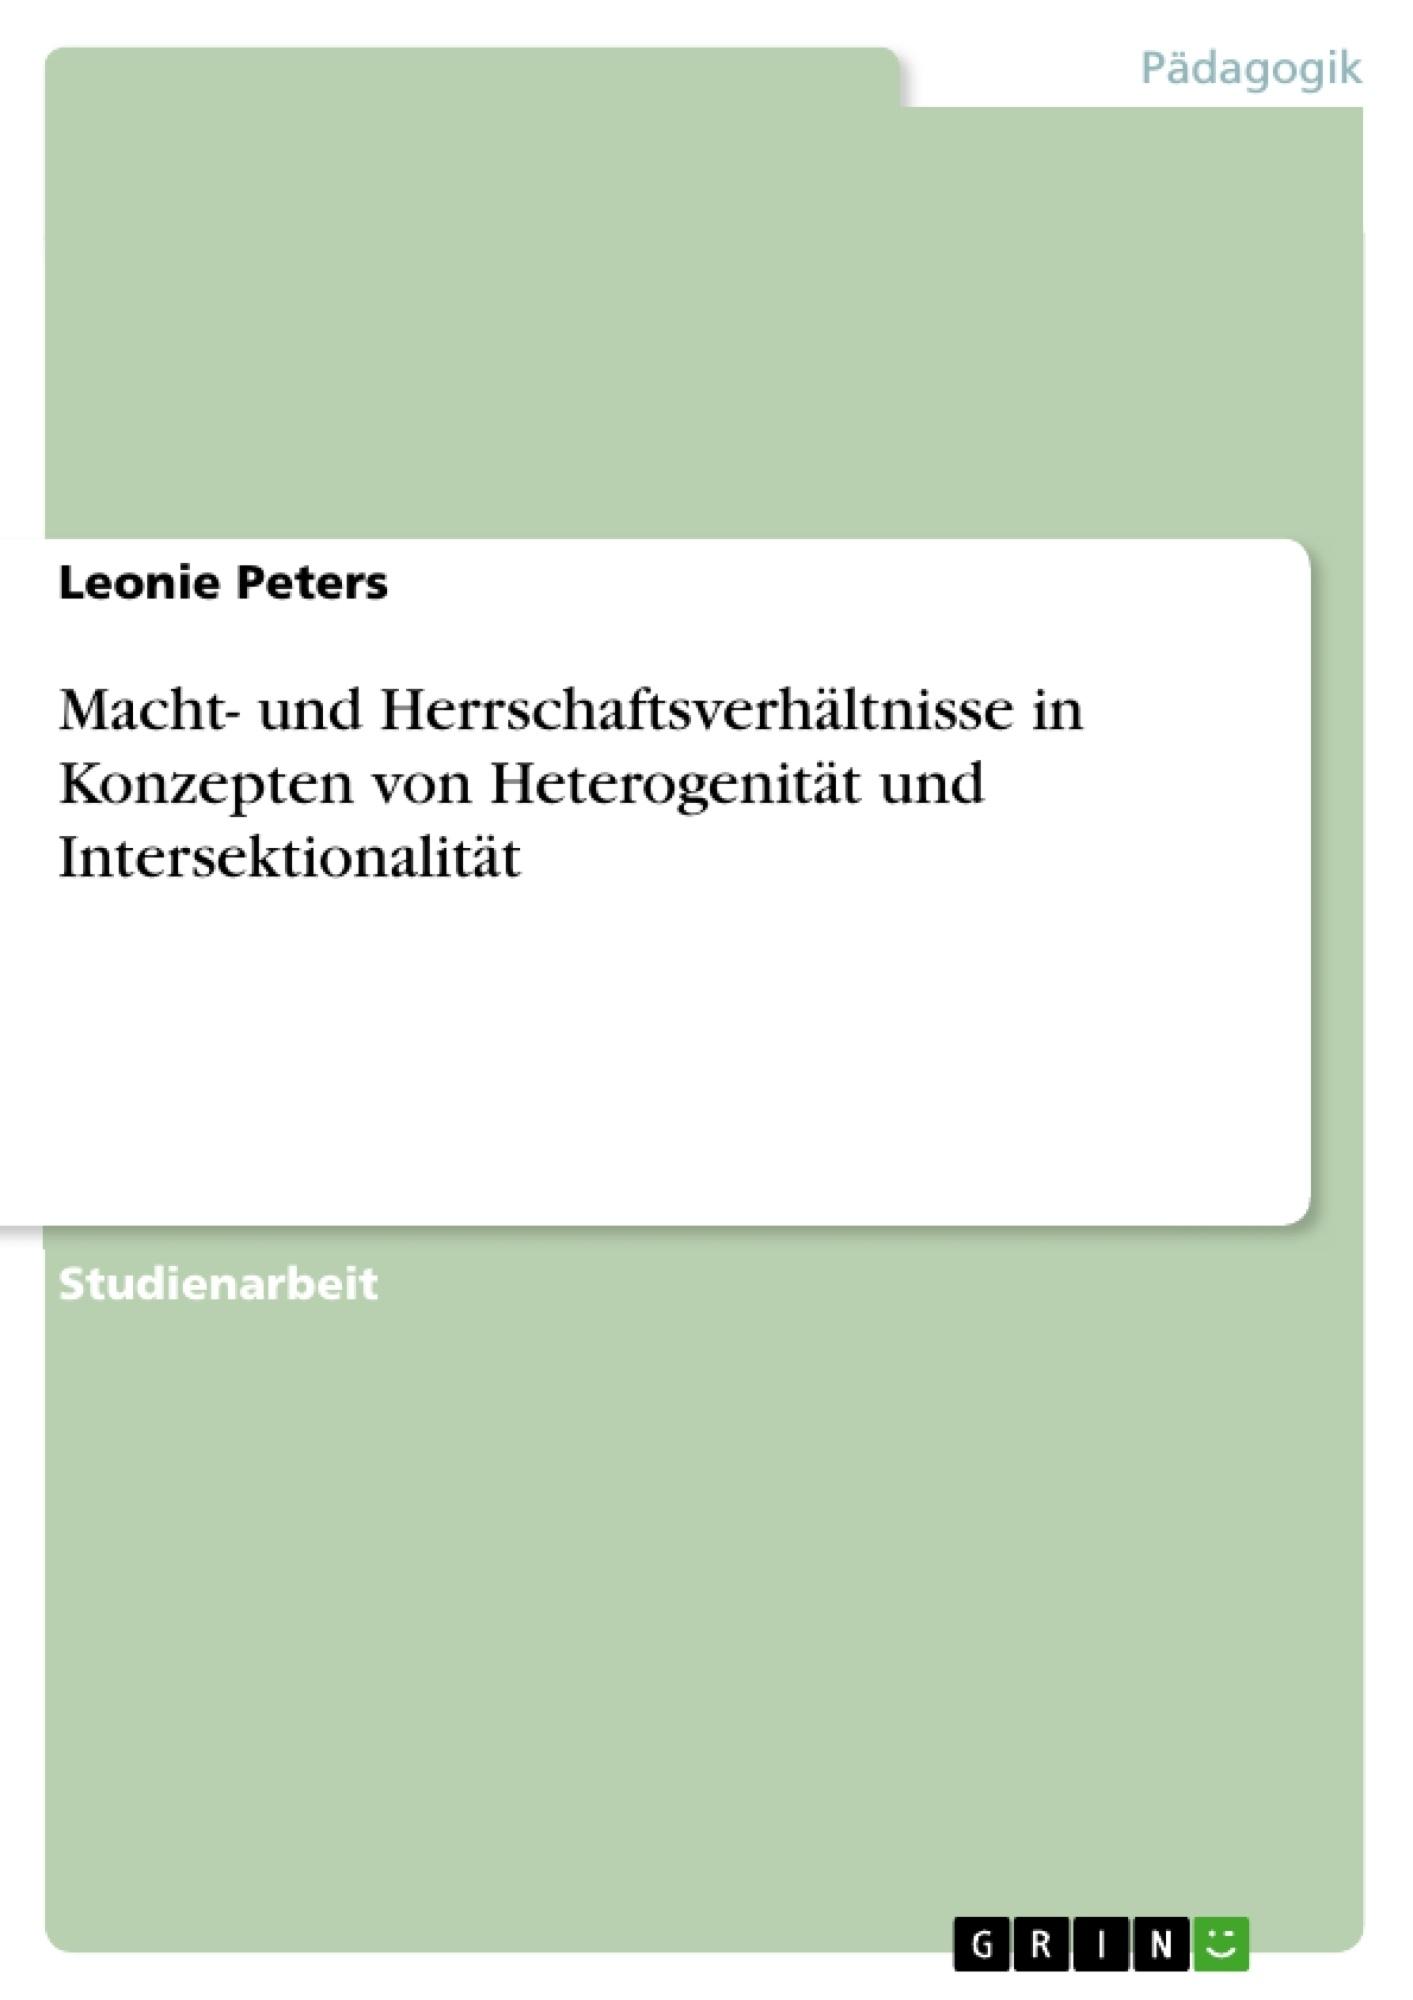 Titel: Macht- und Herrschaftsverhältnisse in Konzepten von Heterogenität und Intersektionalität